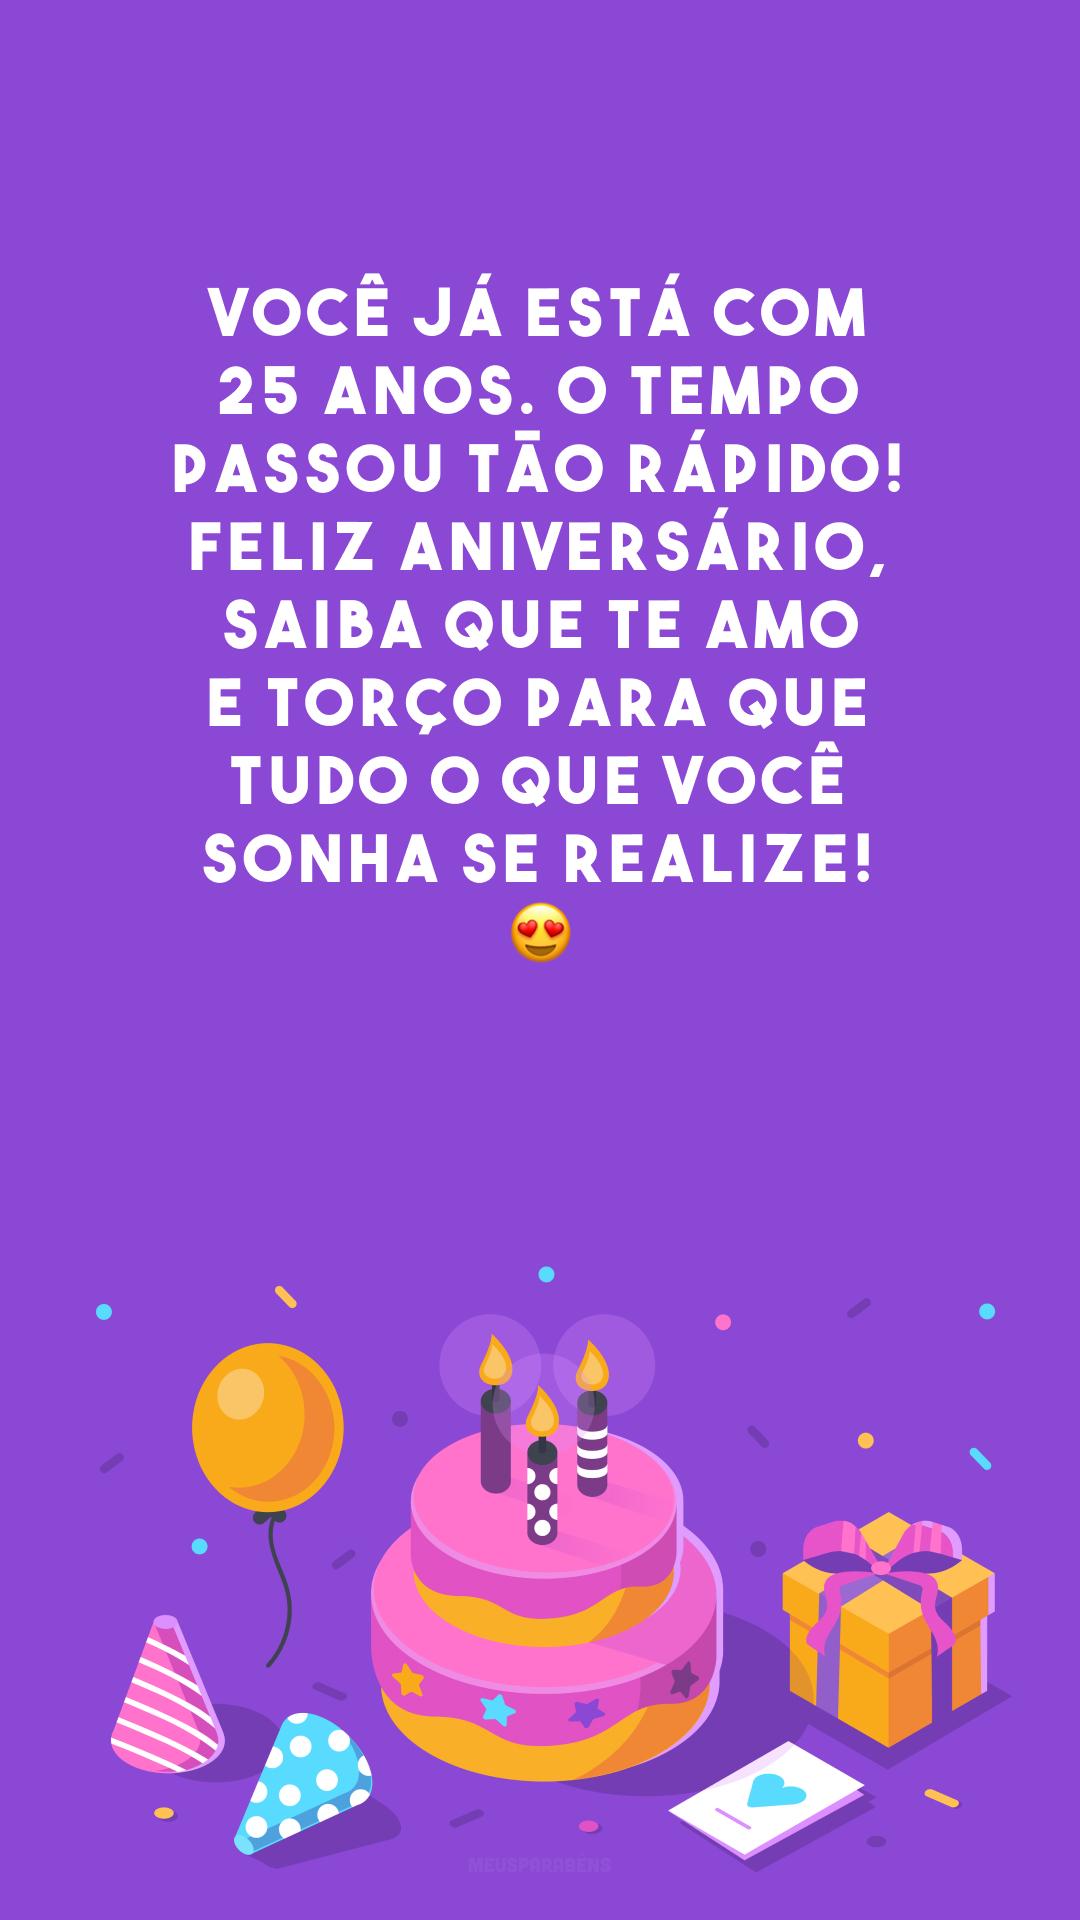 Você já está com 25 anos. O tempo passou tão rápido! Feliz aniversário, saiba que te amo e torço para que tudo o que você sonha se realize! 😍